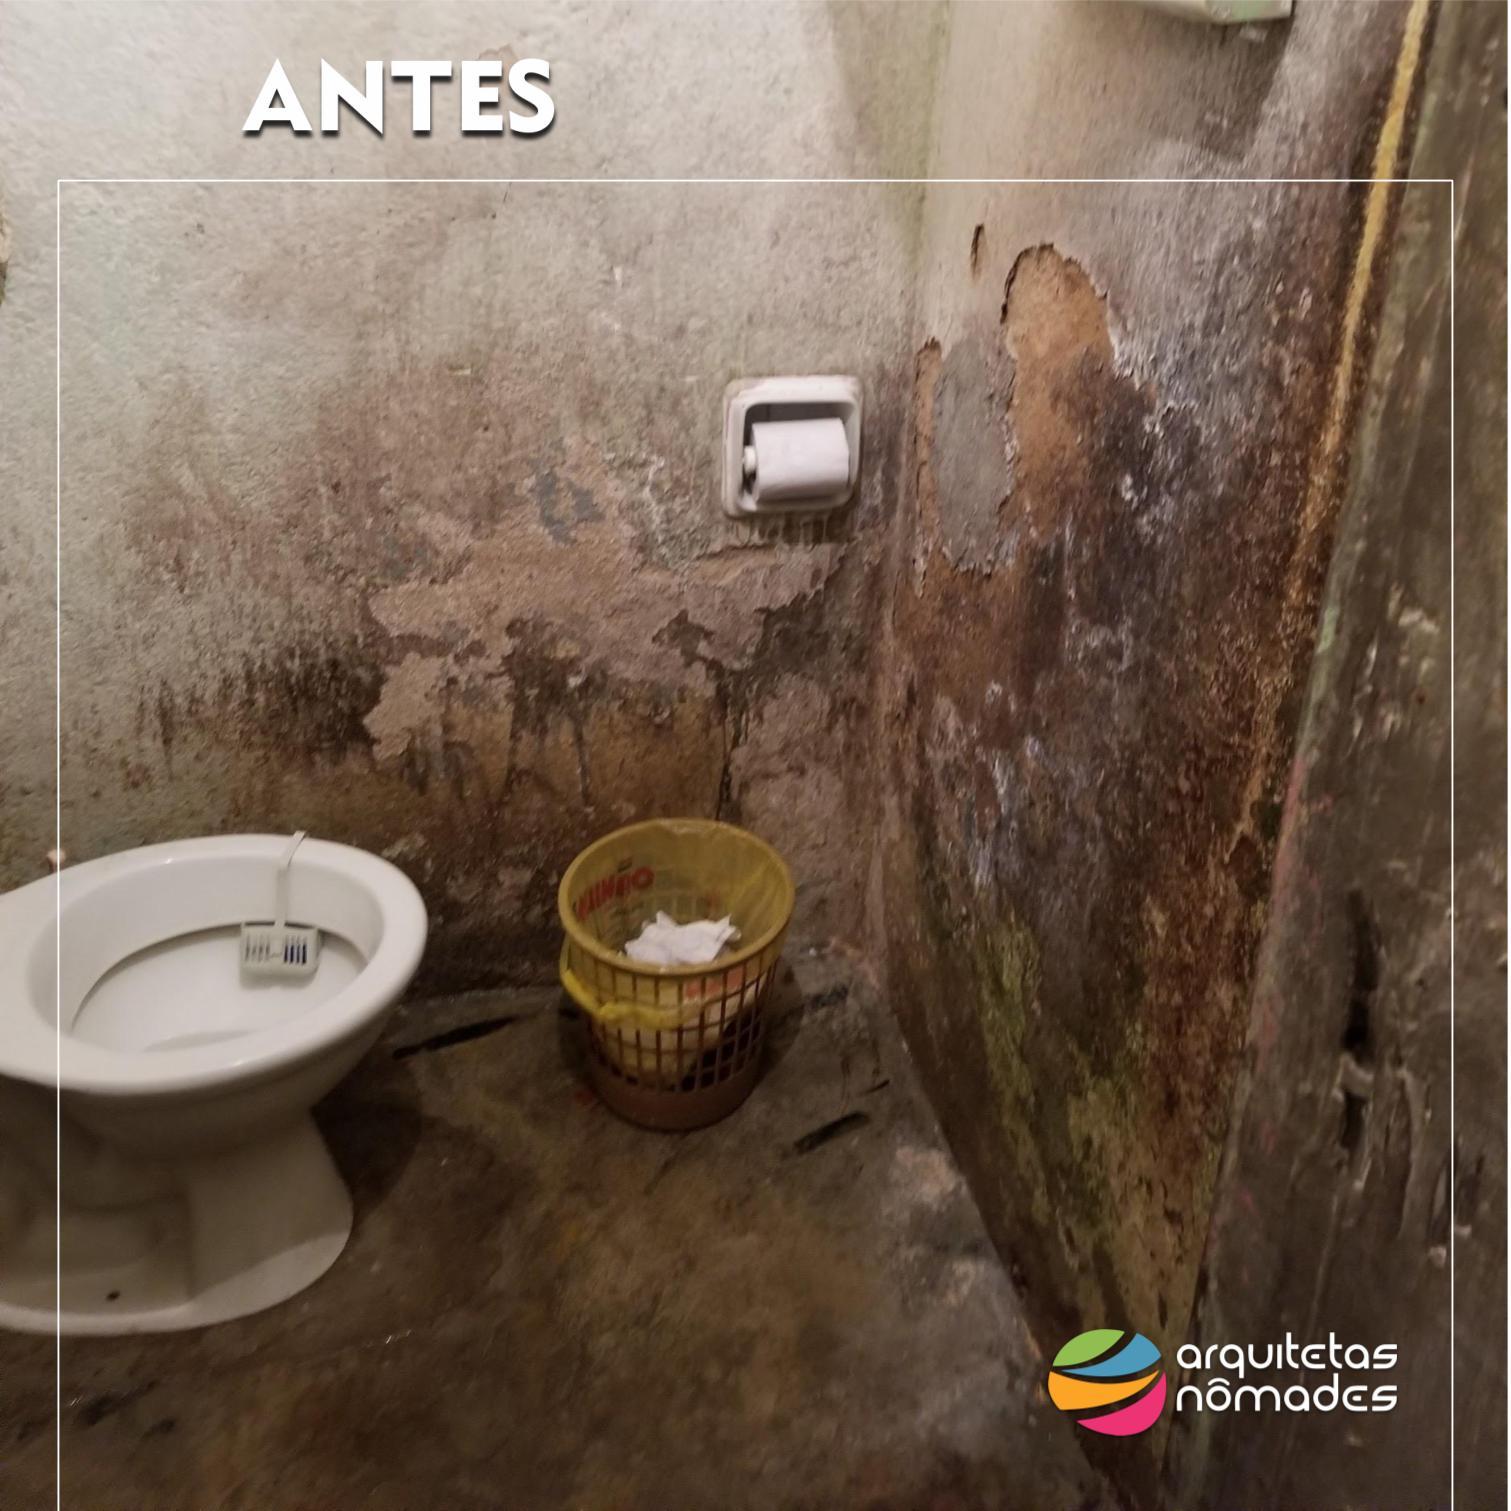 ANTES-2 – vanir